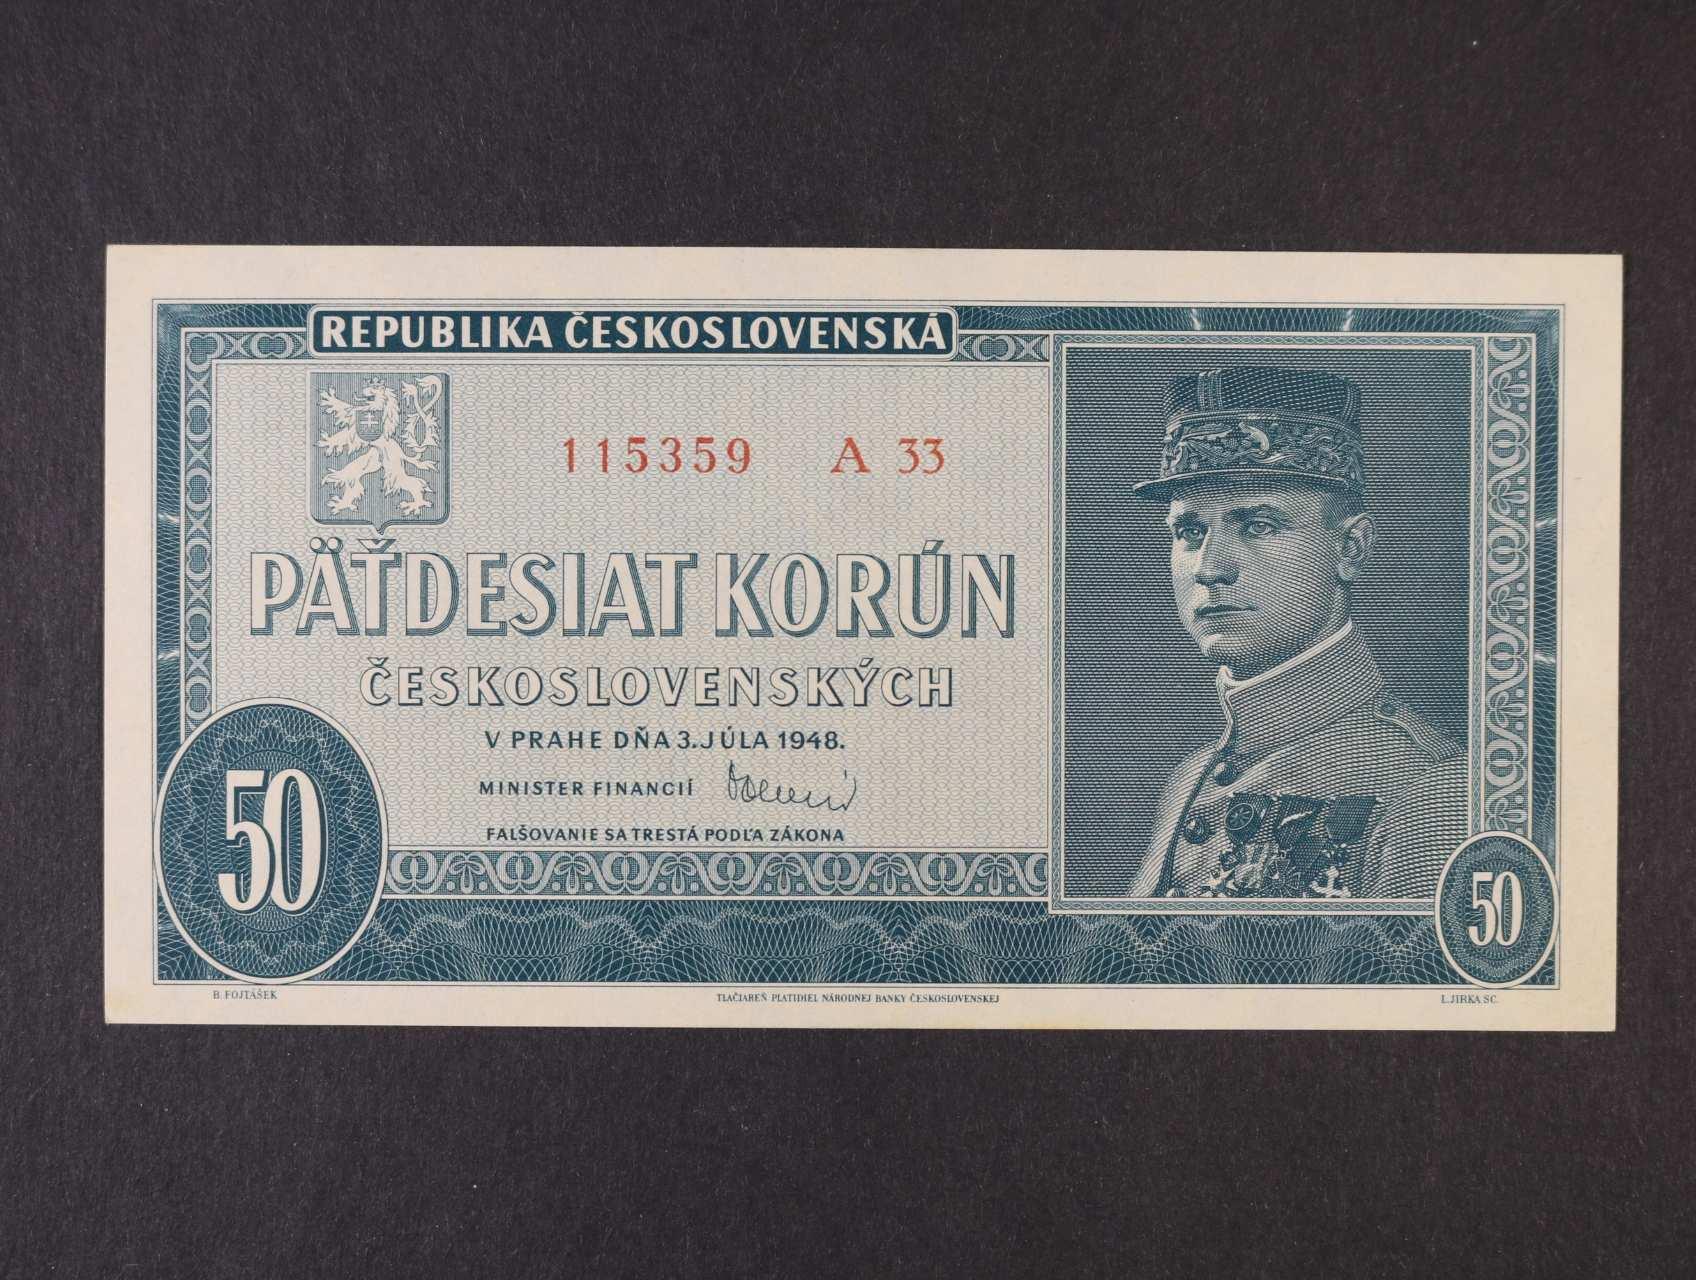 50 Kčs 3.7.1948 série A 33, Ba. 81b, Pi. 66a